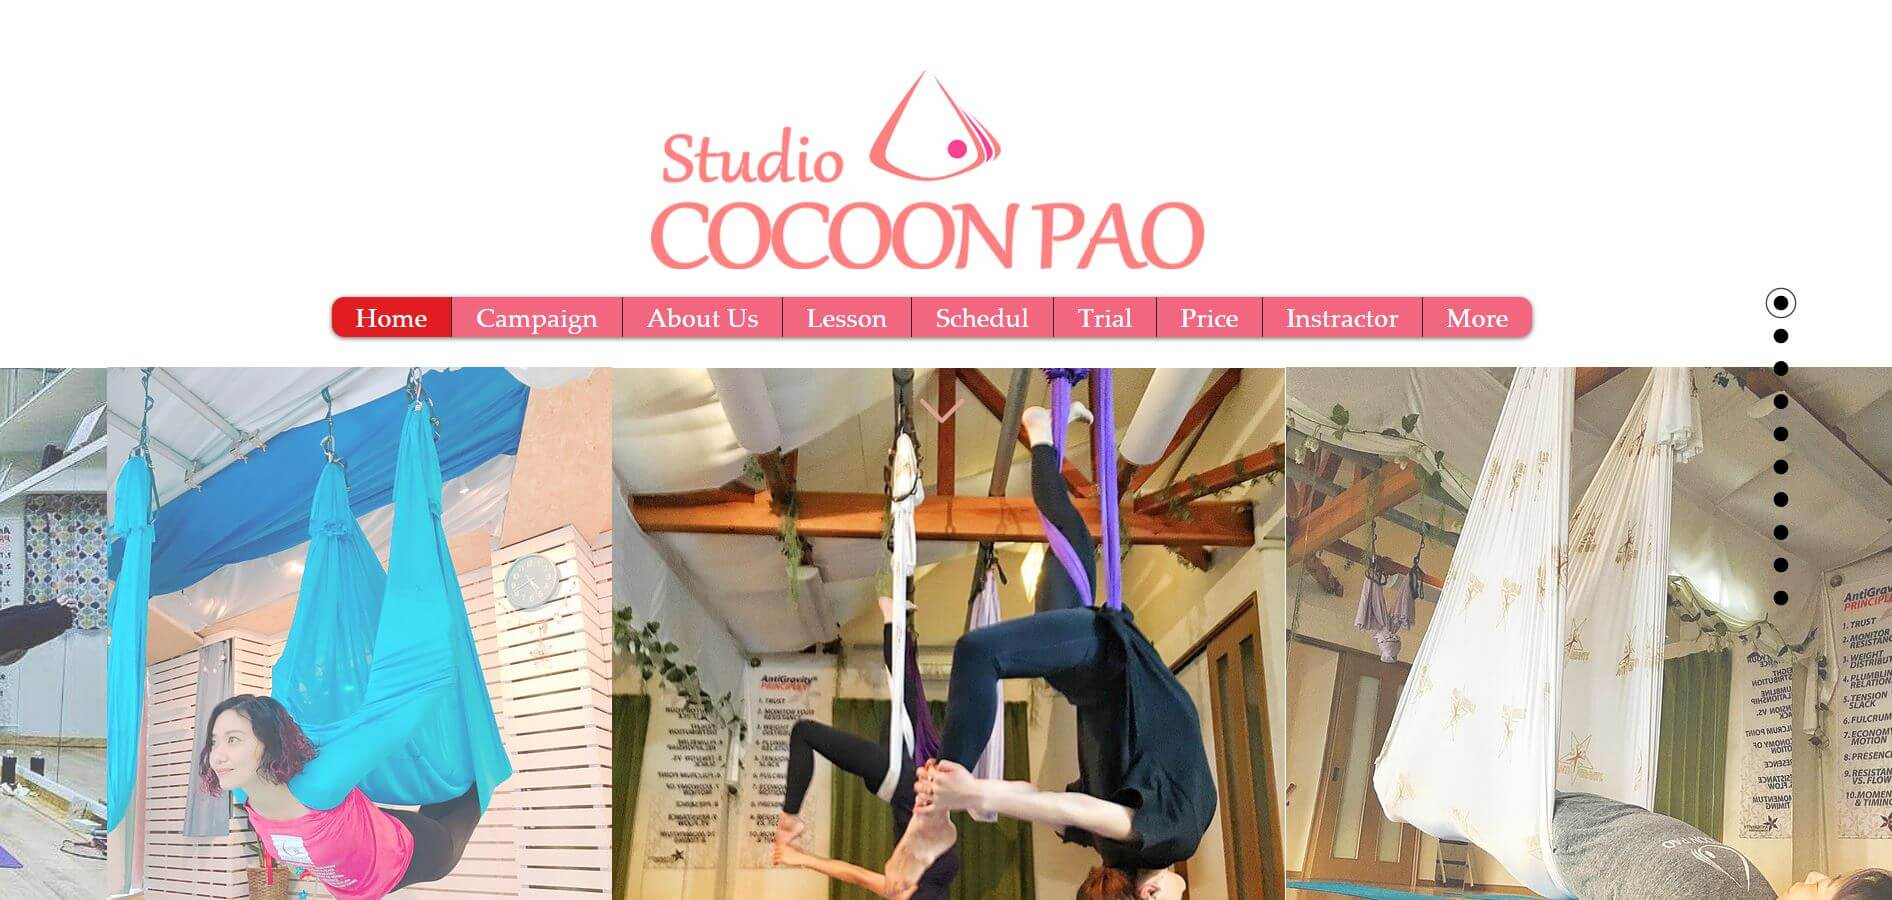 Studio COCOON PAO 辻堂スタジオ